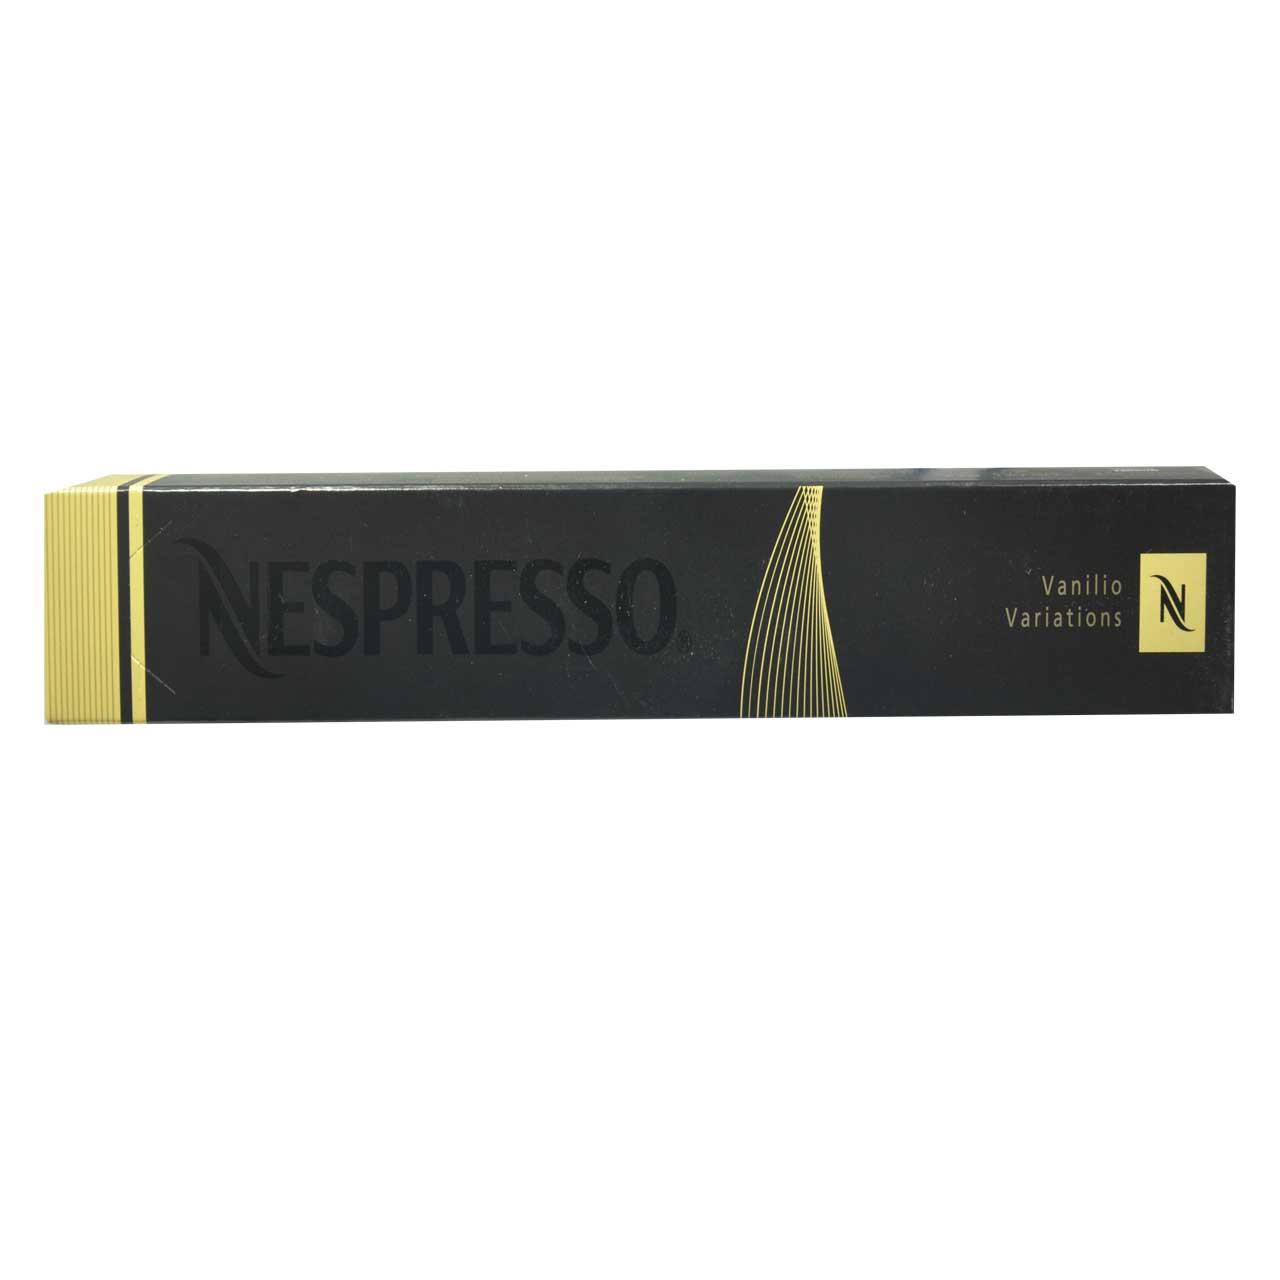 کپسول قهوه نسپرسو ۱۰ عددی vanilio variations